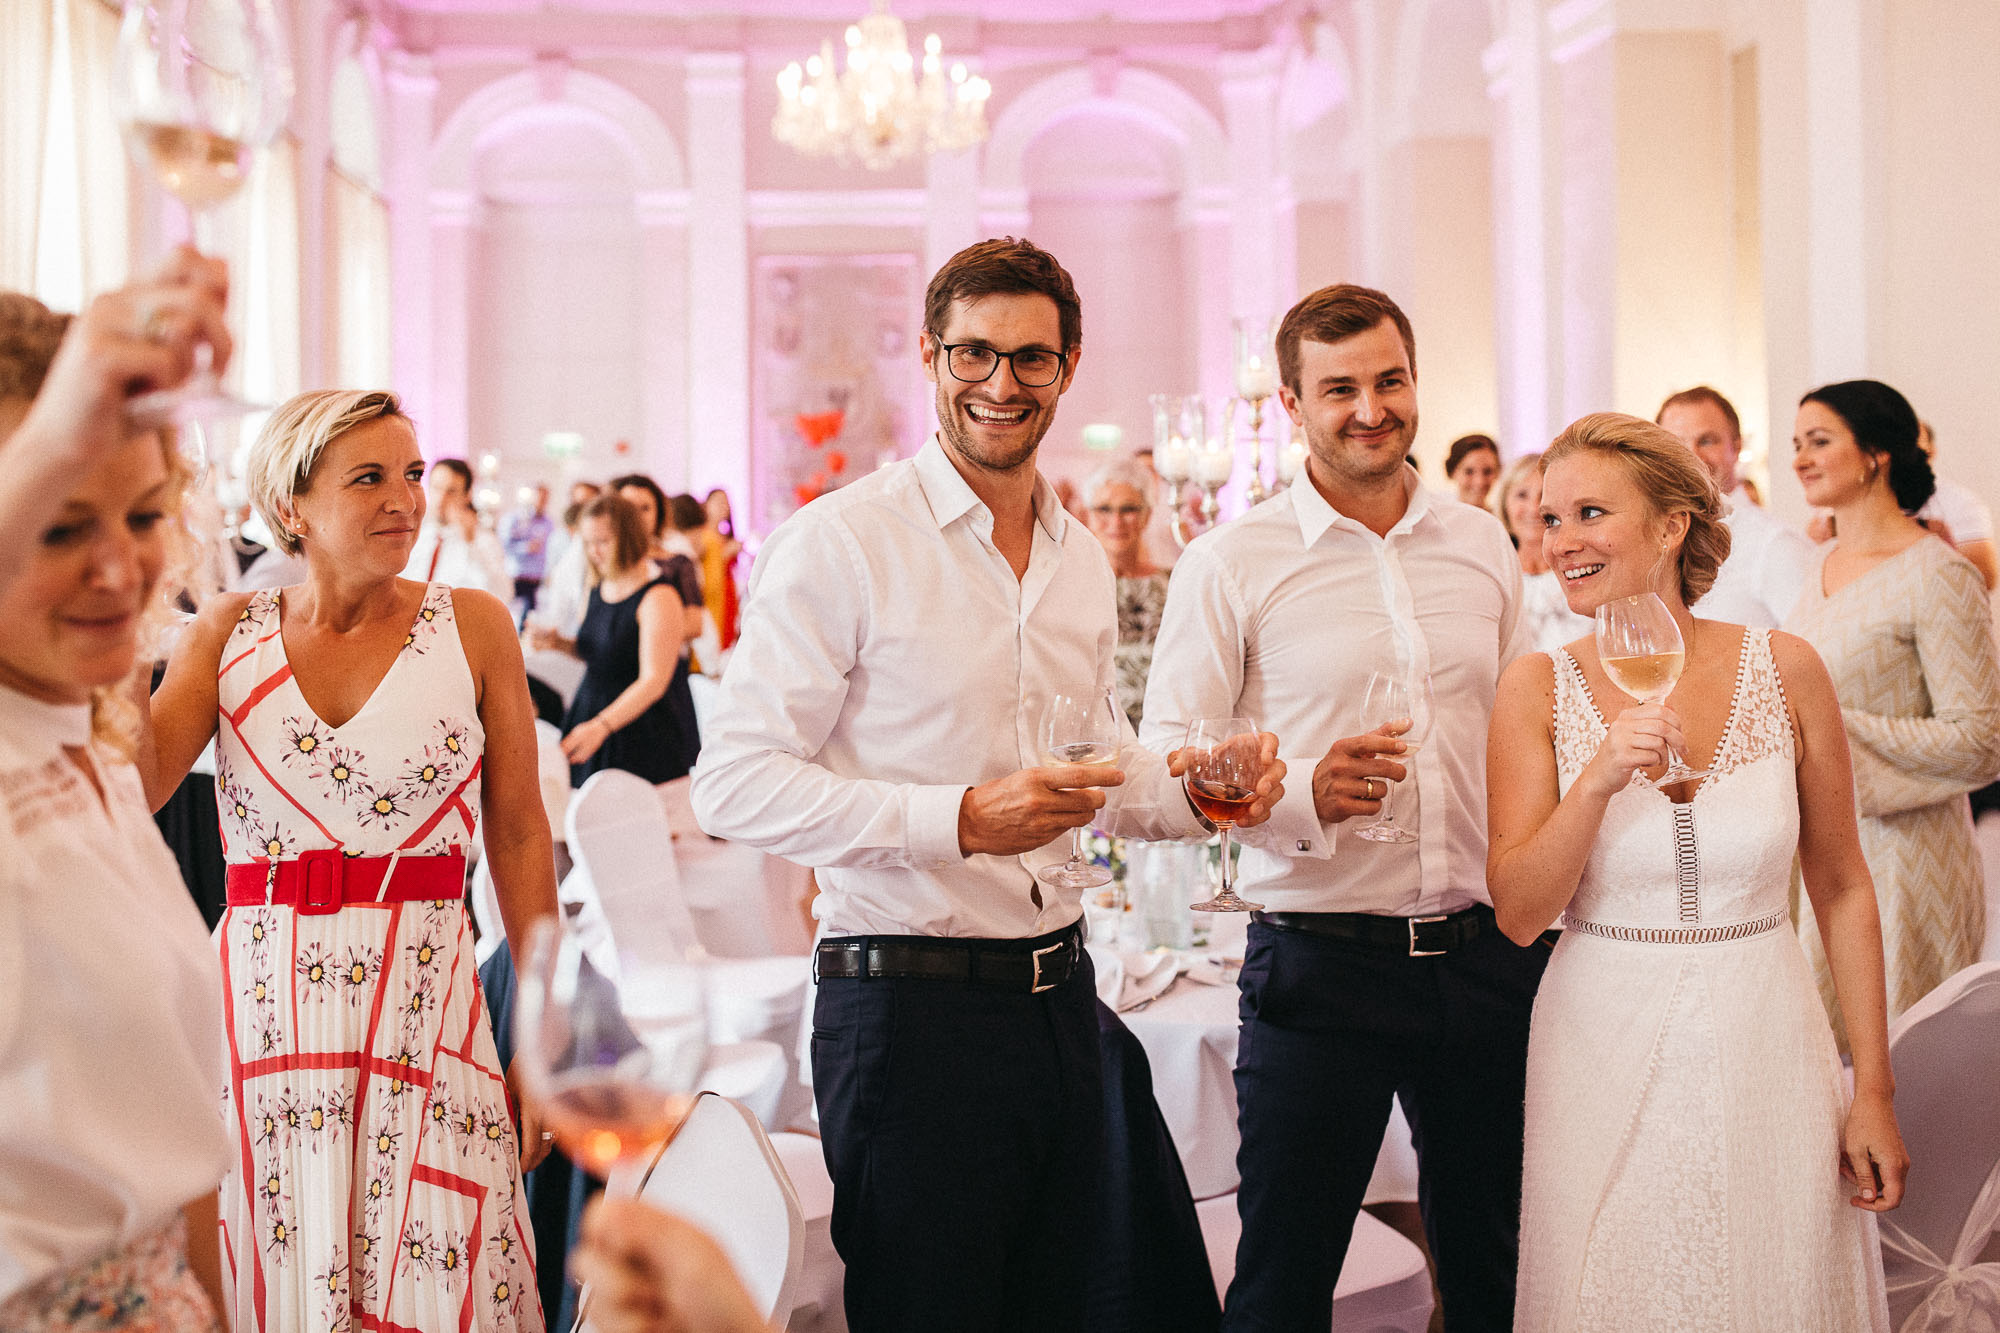 raissa simon photography wedding mosel kloster machern love authentic 665 - Kathrin + Dominik